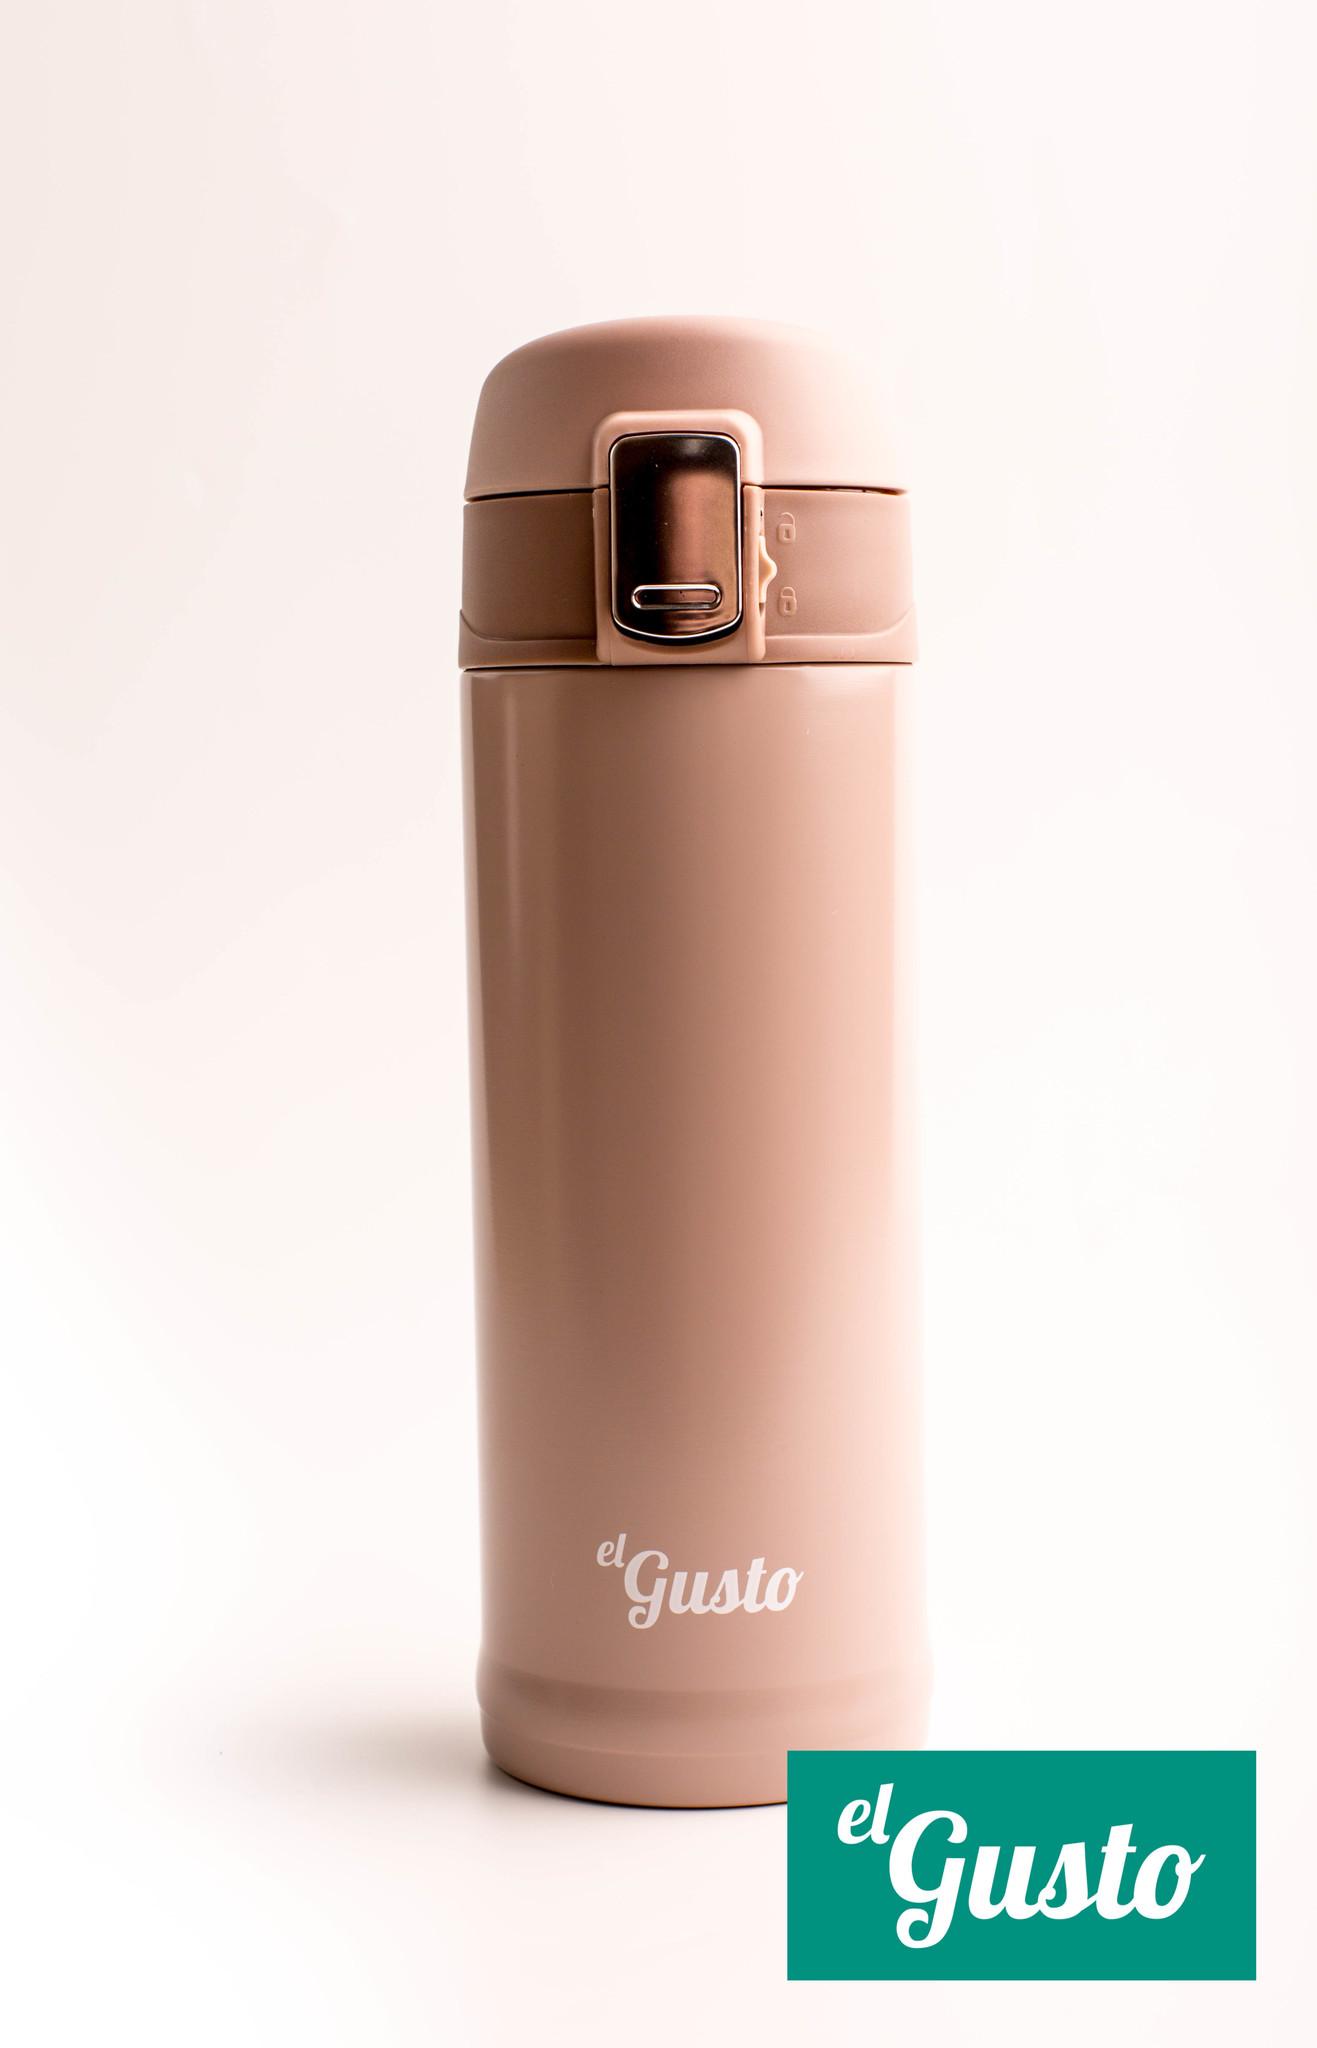 Термокружка el Gusto «Terra», кофейная, 420 мл от 1 690 руб